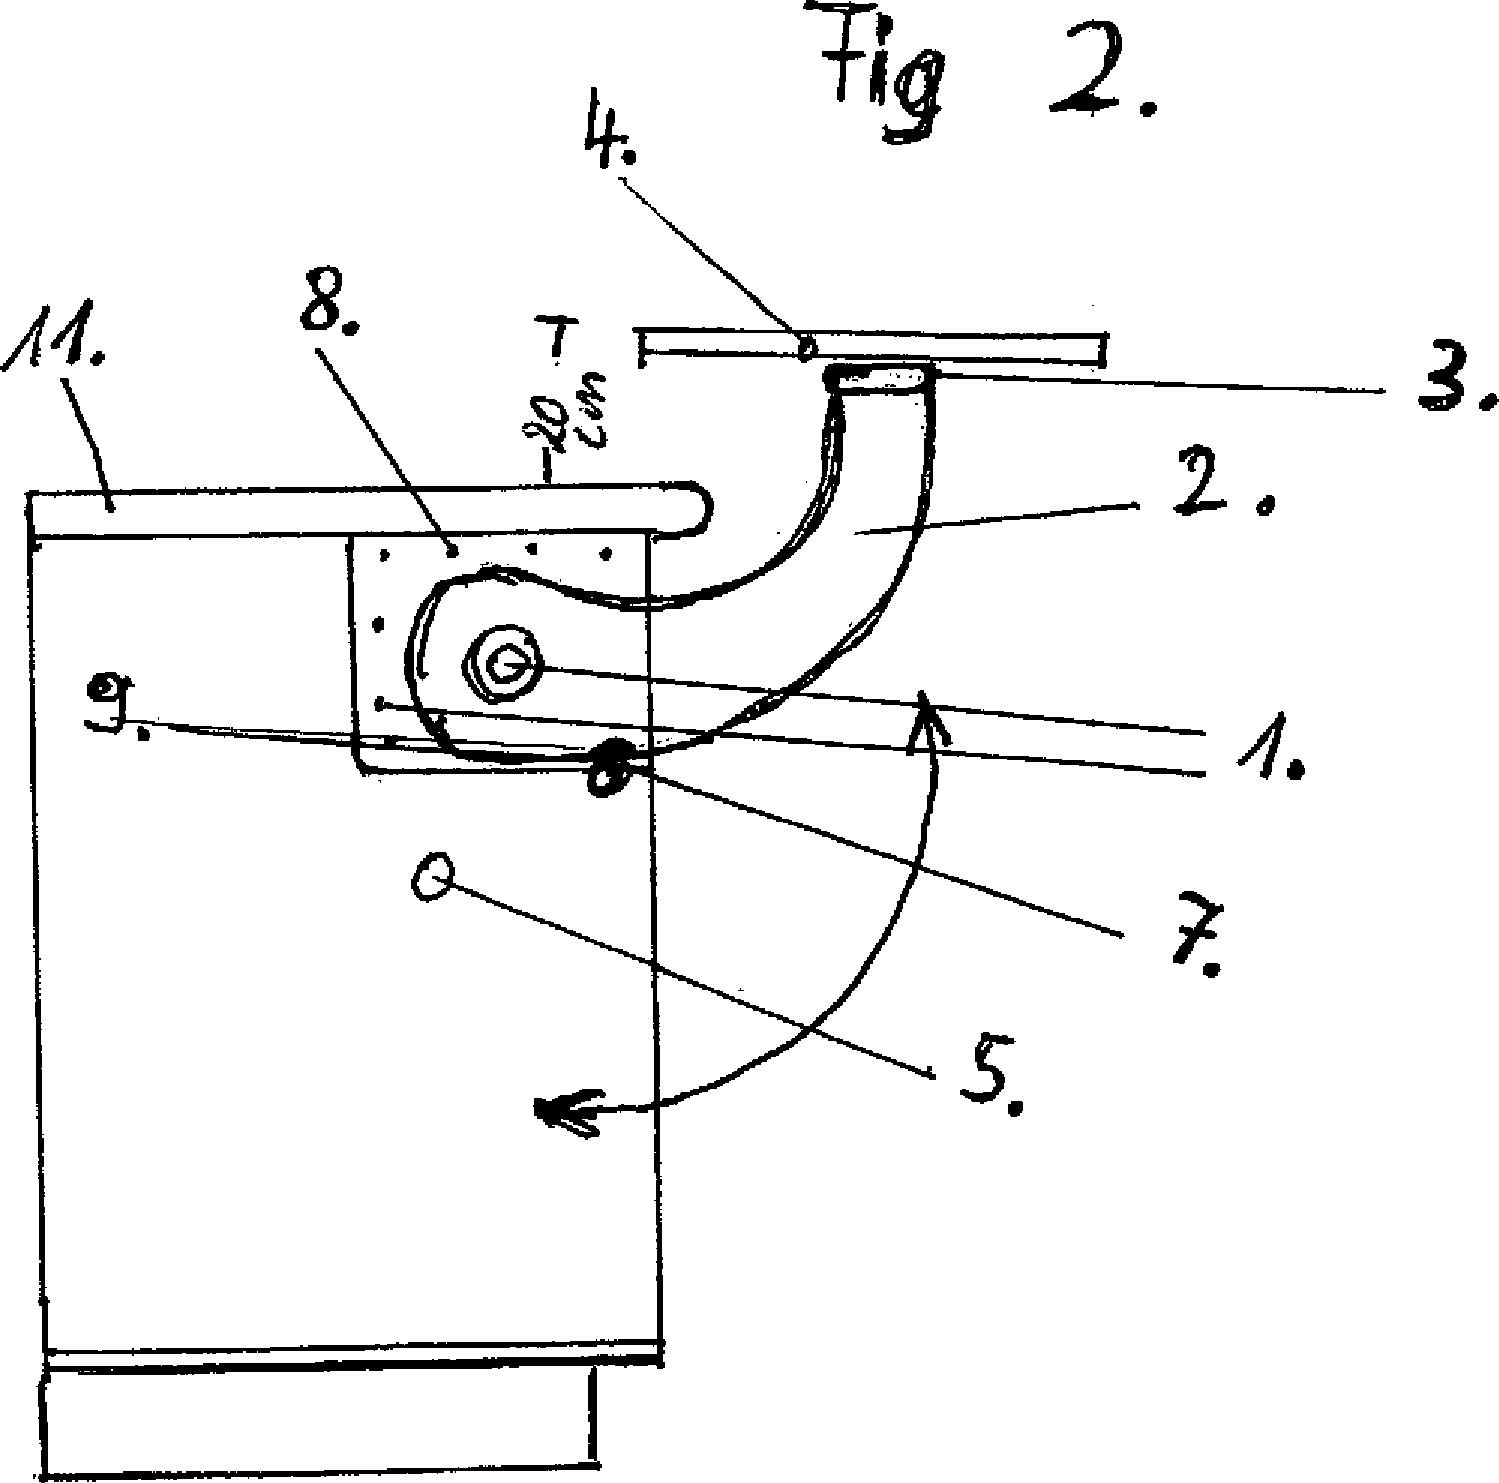 patent de202011105627u1 espressotisch einbau schwingtisch f r k chenunterschr nke 10 15 cm. Black Bedroom Furniture Sets. Home Design Ideas